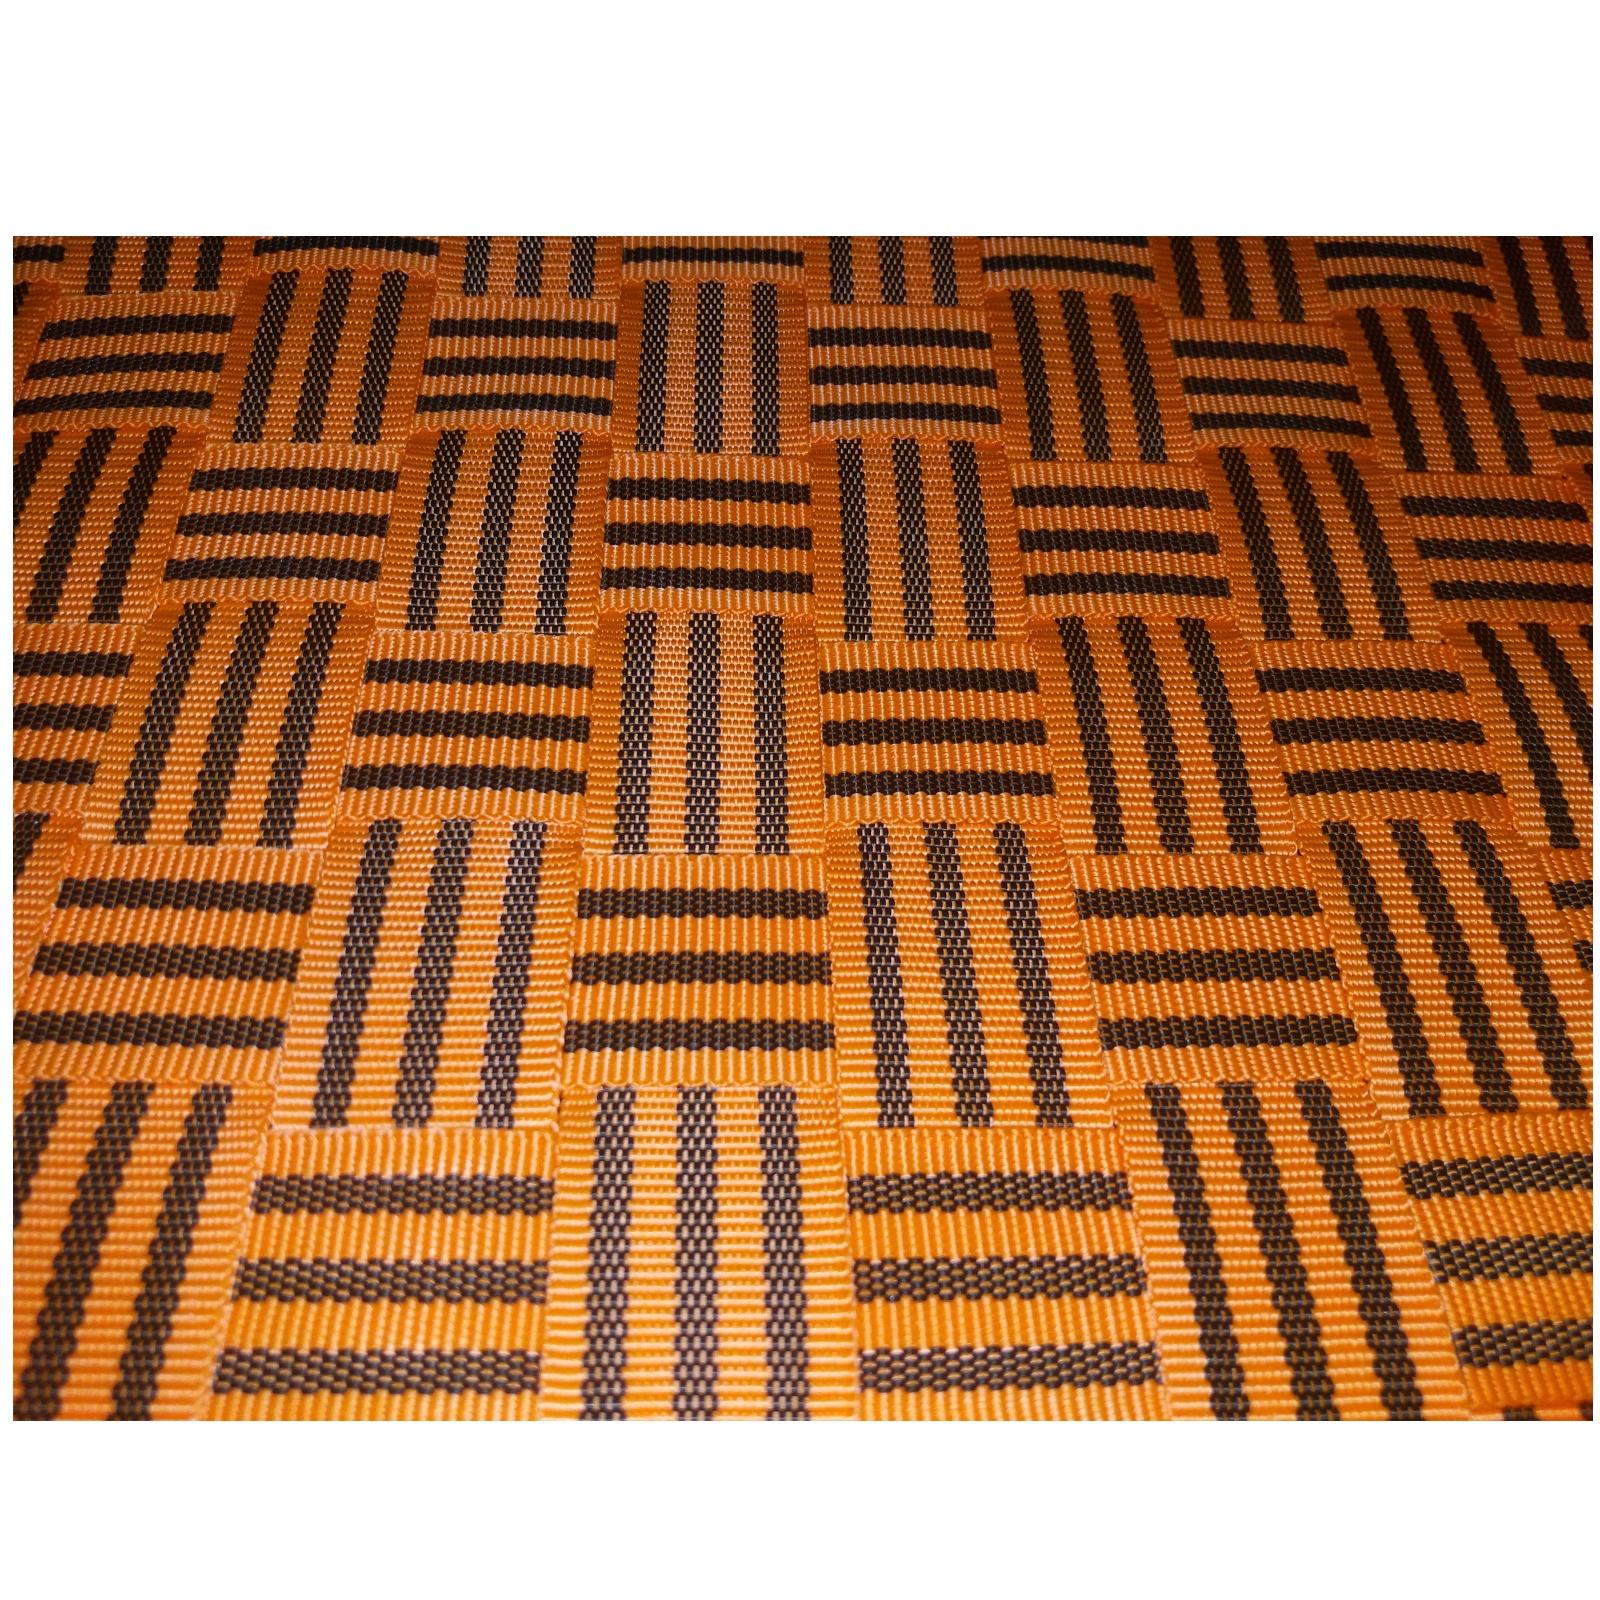 Sáně dřevěné LION BOHEMIA rohačky délka 110 cm - oranžové